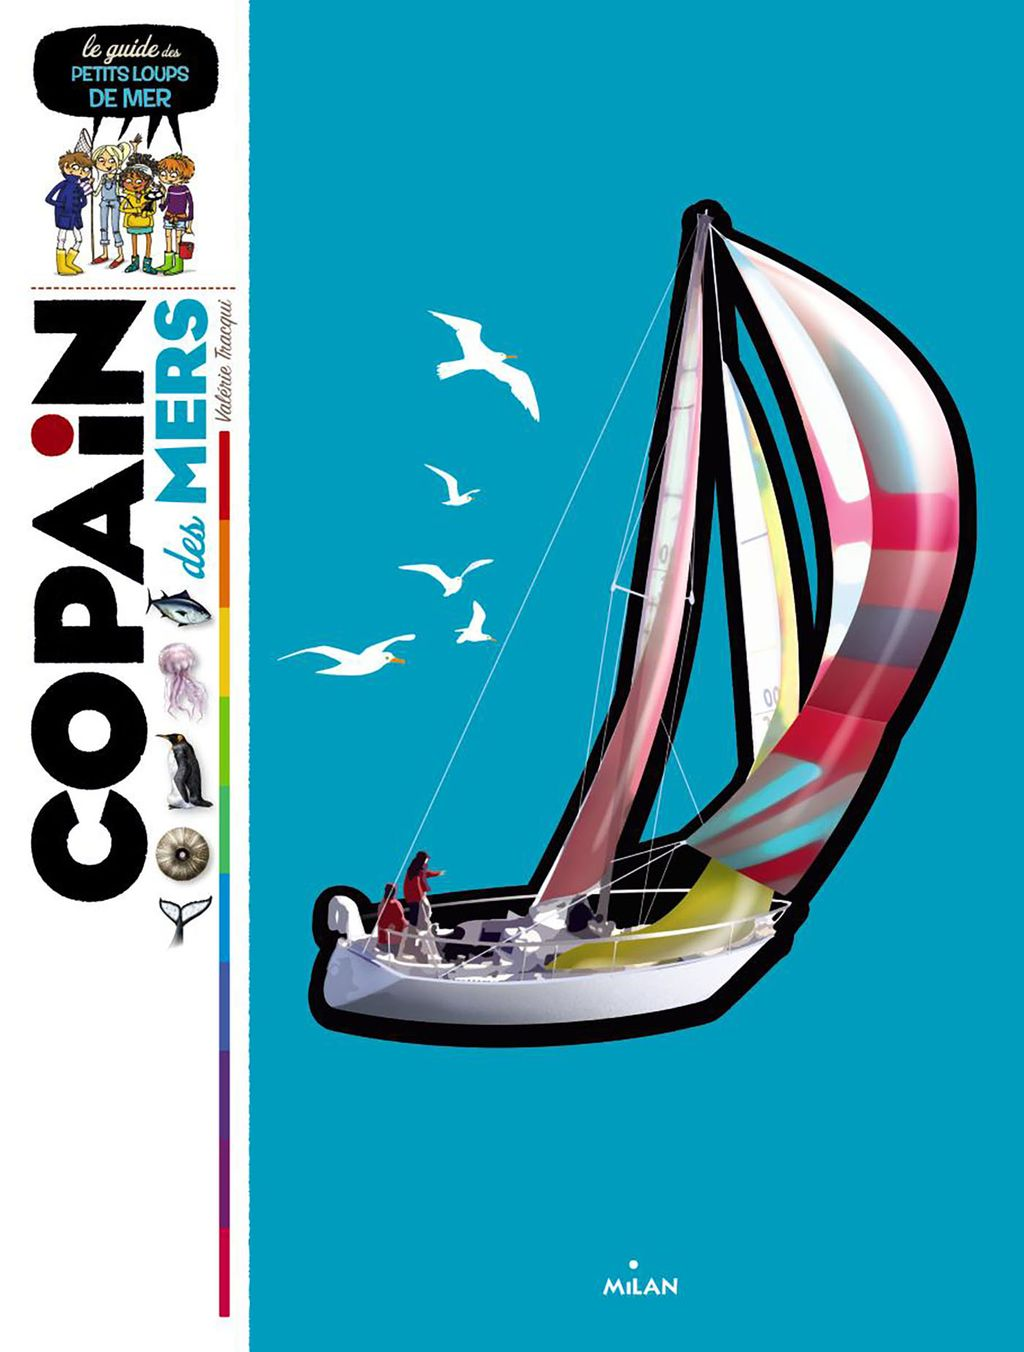 «Copain des mers» cover